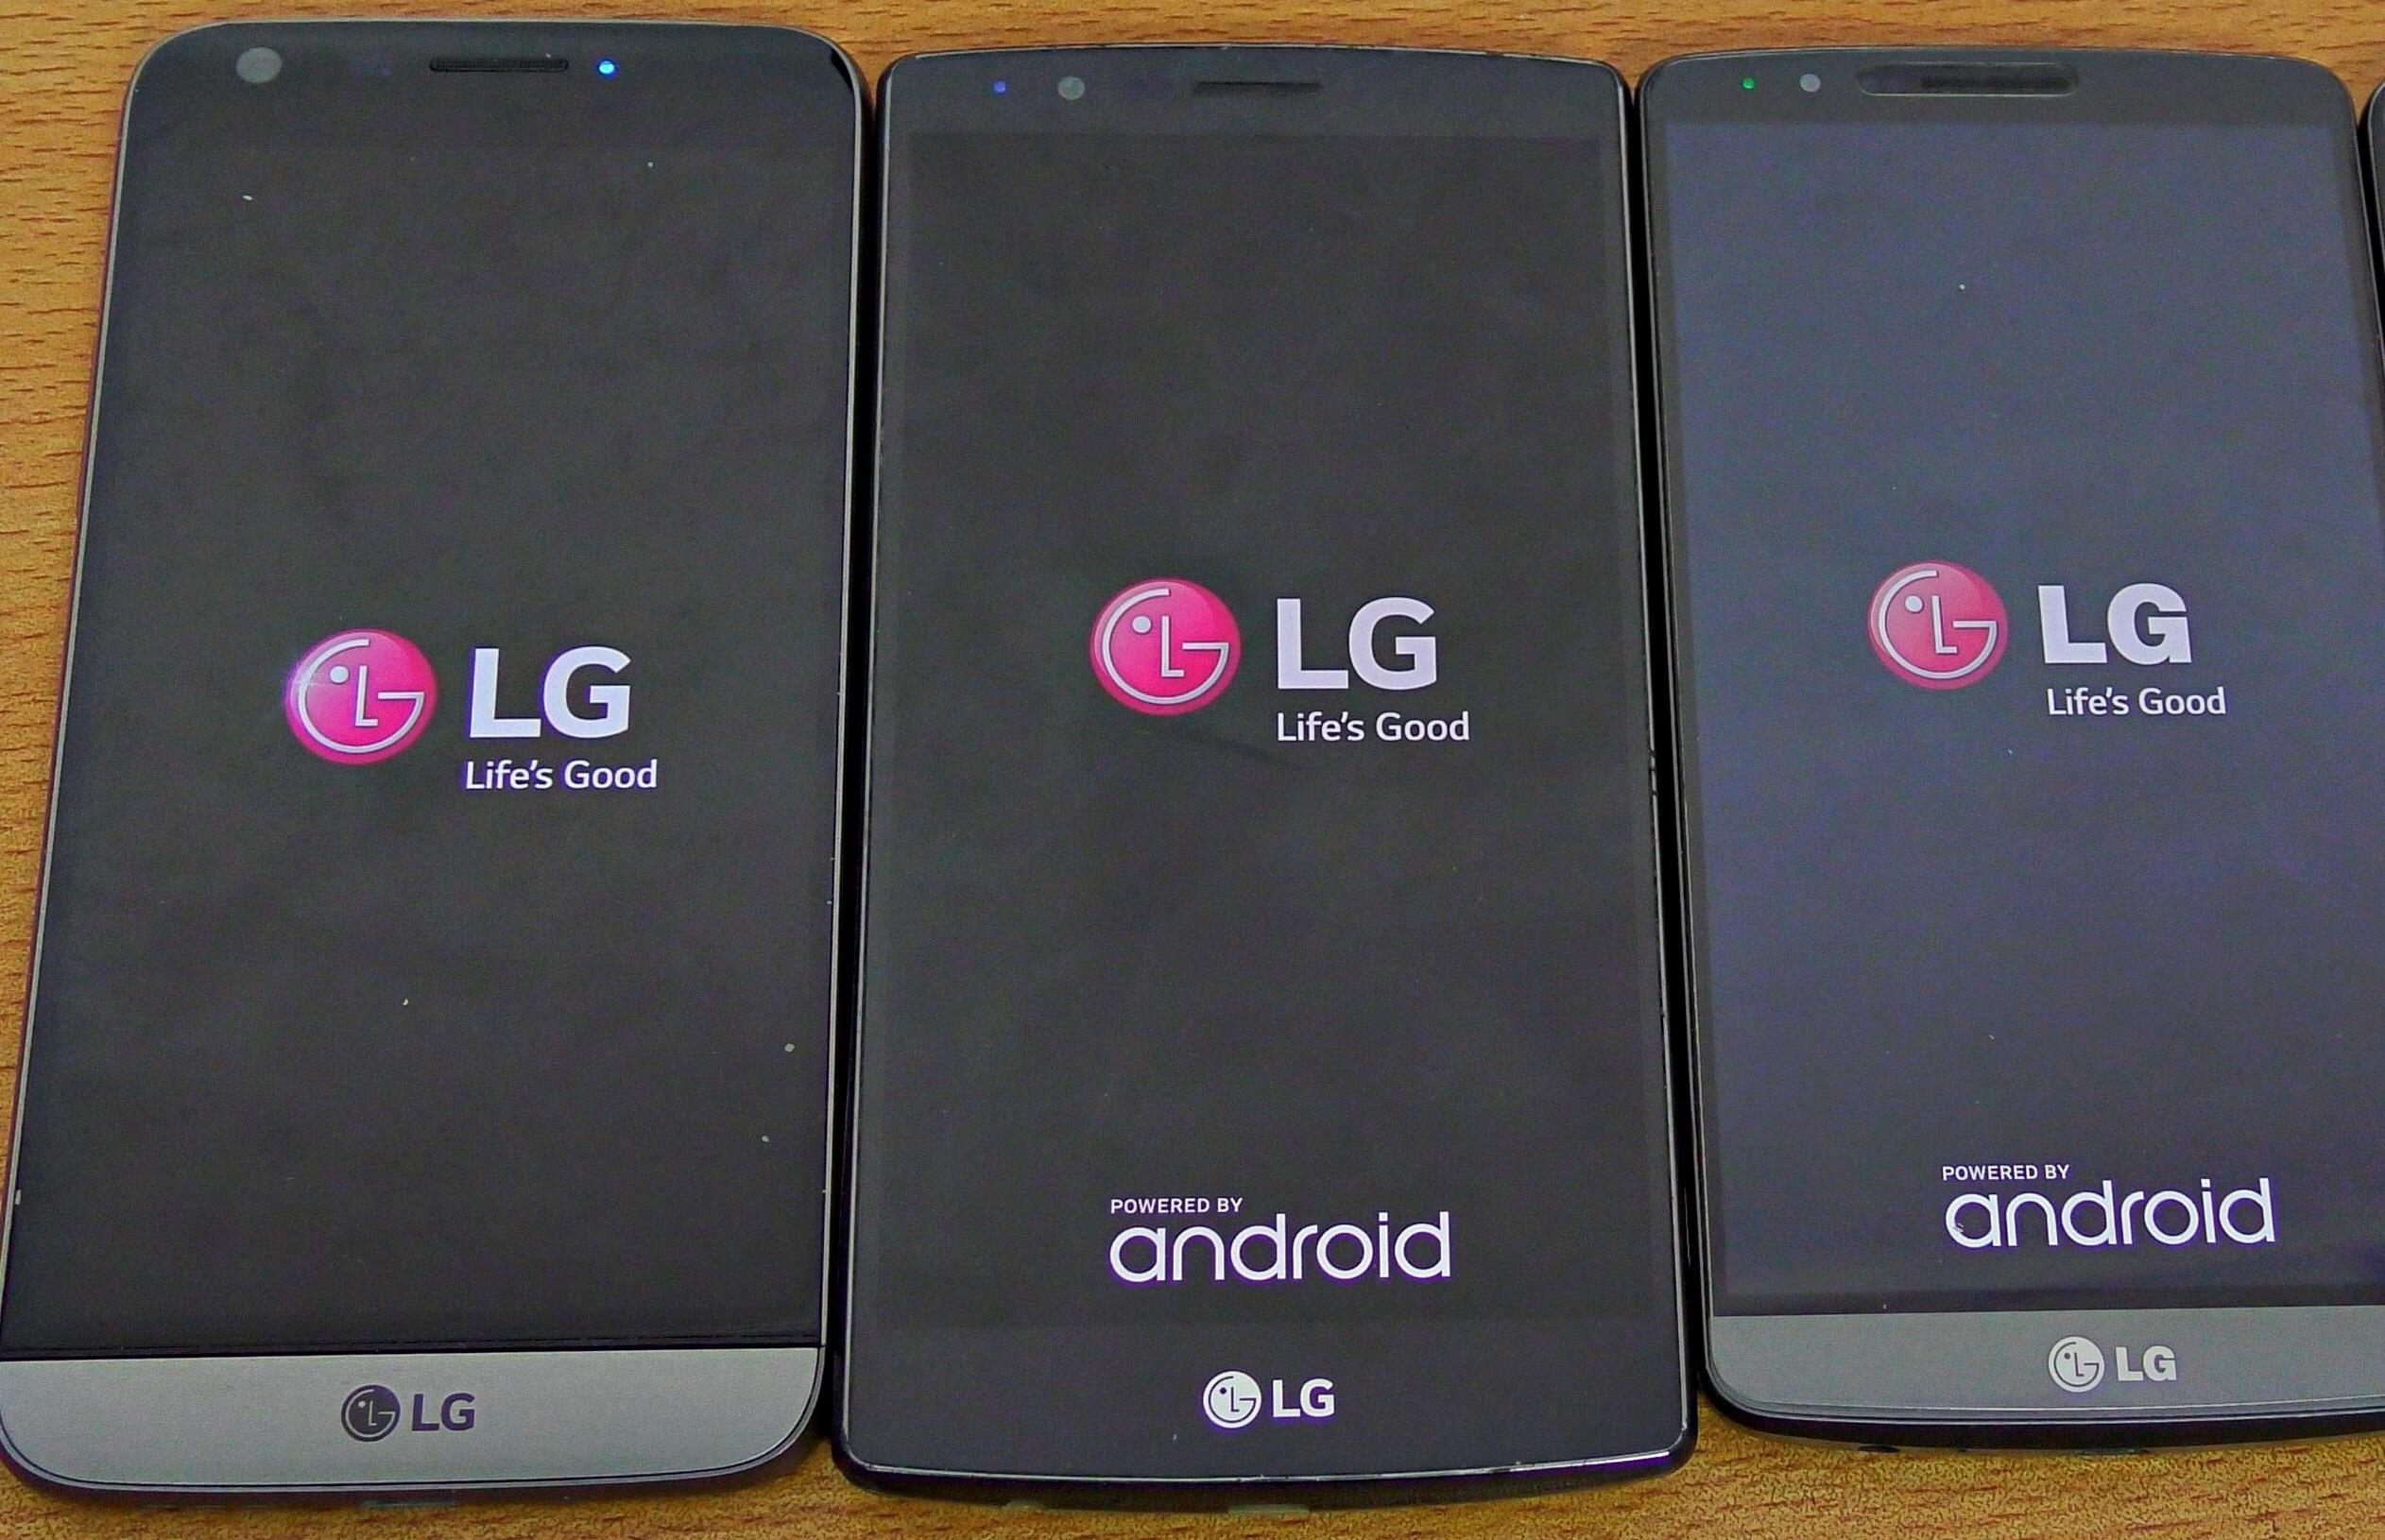 Amazon bis zu 25%: LG G3 für 159,25 € / LG G4 für 248,53 € / LG G5 für 364,78 €